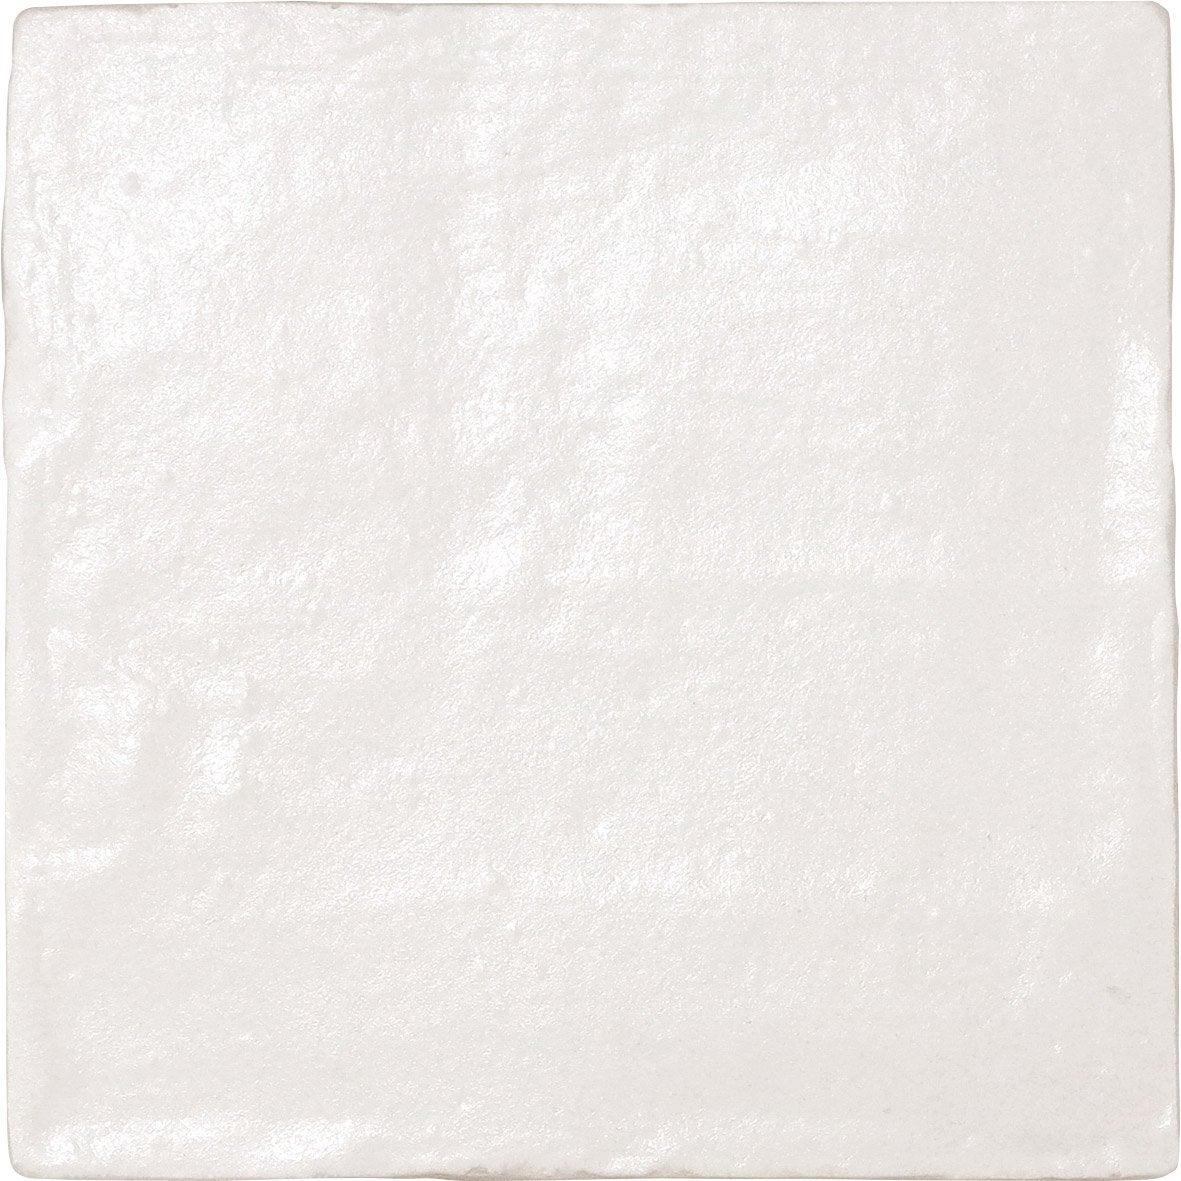 Carrelage mur forte pierre blanc nacrée l.10 x L.10 cm, Ibiza